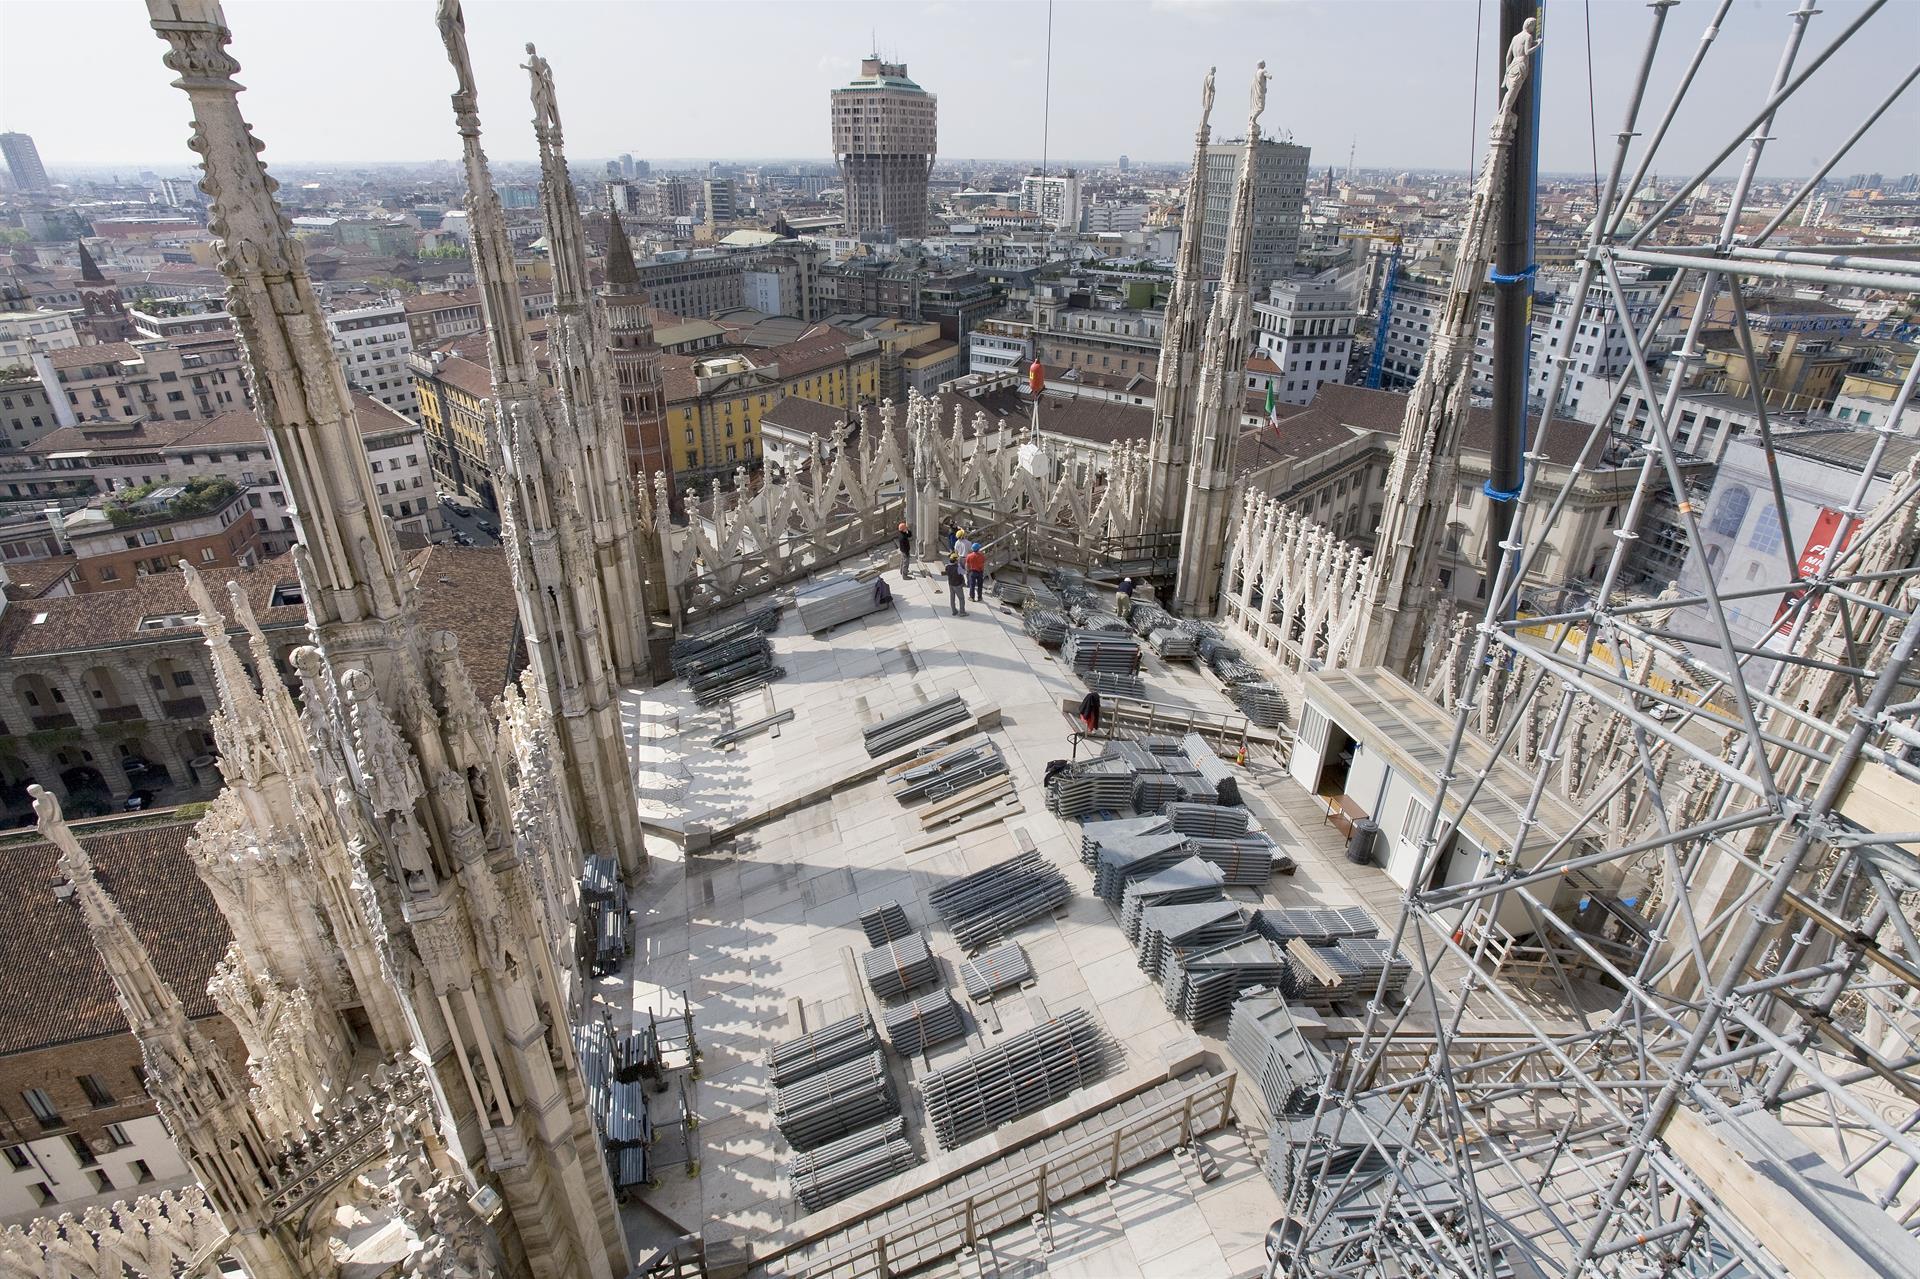 Cantiere Duomo Duomo Construction Site